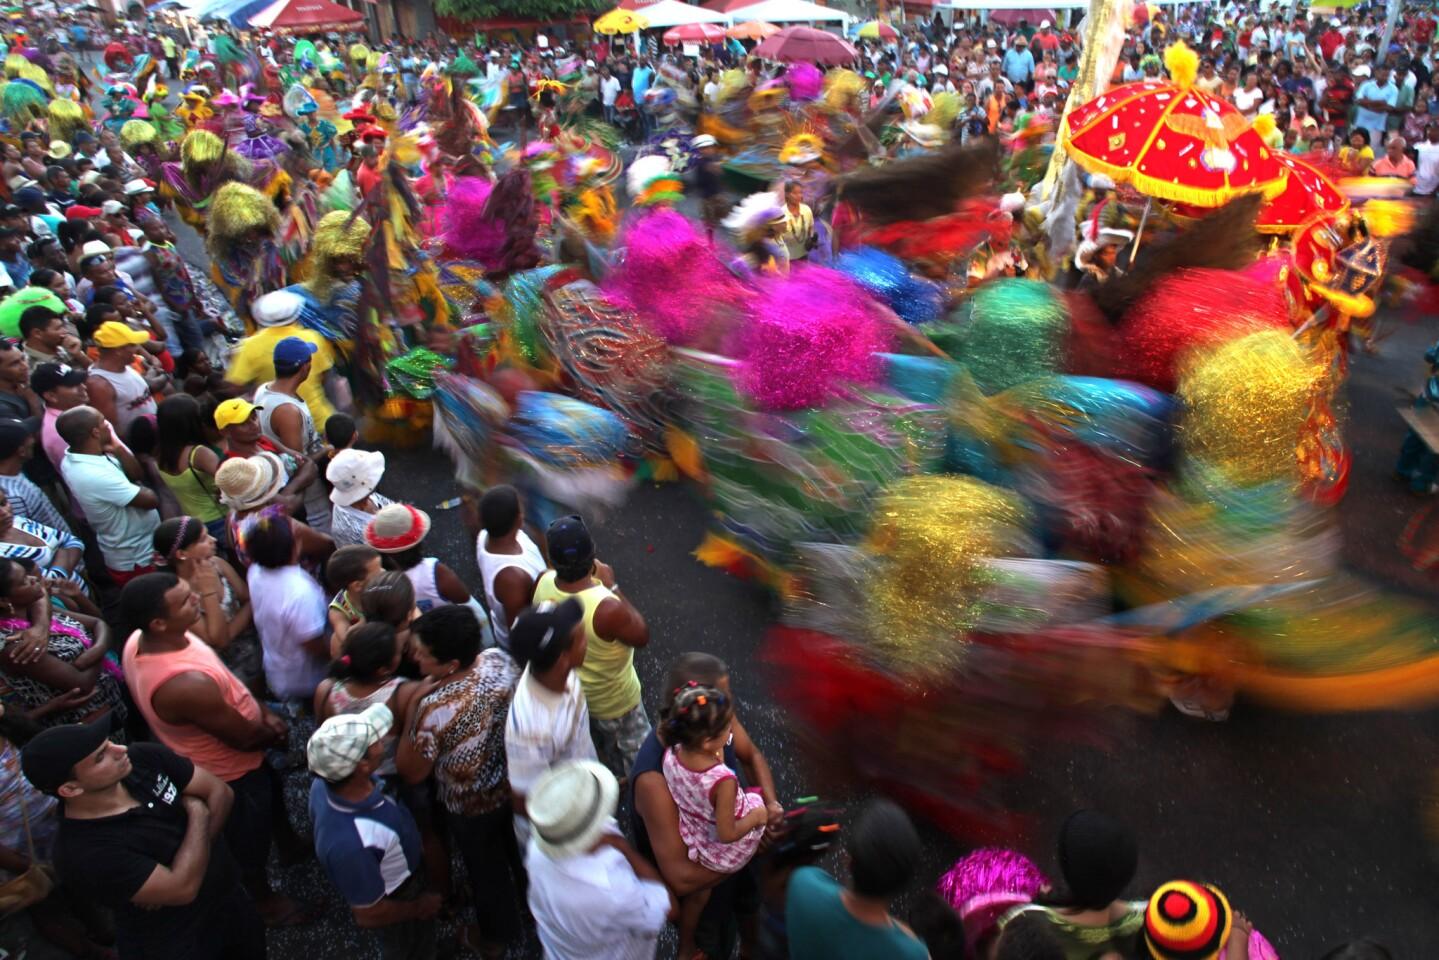 En esta imagen, tomada el 8 de febrero de 2016, el público observa la actuación de un grupo de bailarines maracatus durante el carnaval de Nazare da Mata, en Brasil. La ciudad del estado de Pernambuco, en el noreste de Brasil, es considerada la cuna del maracatu, una danza de ritmo frenético y origen africano que caracteriza al peculiar carnaval de la zona. (Foto AP/Eraldo Peres)